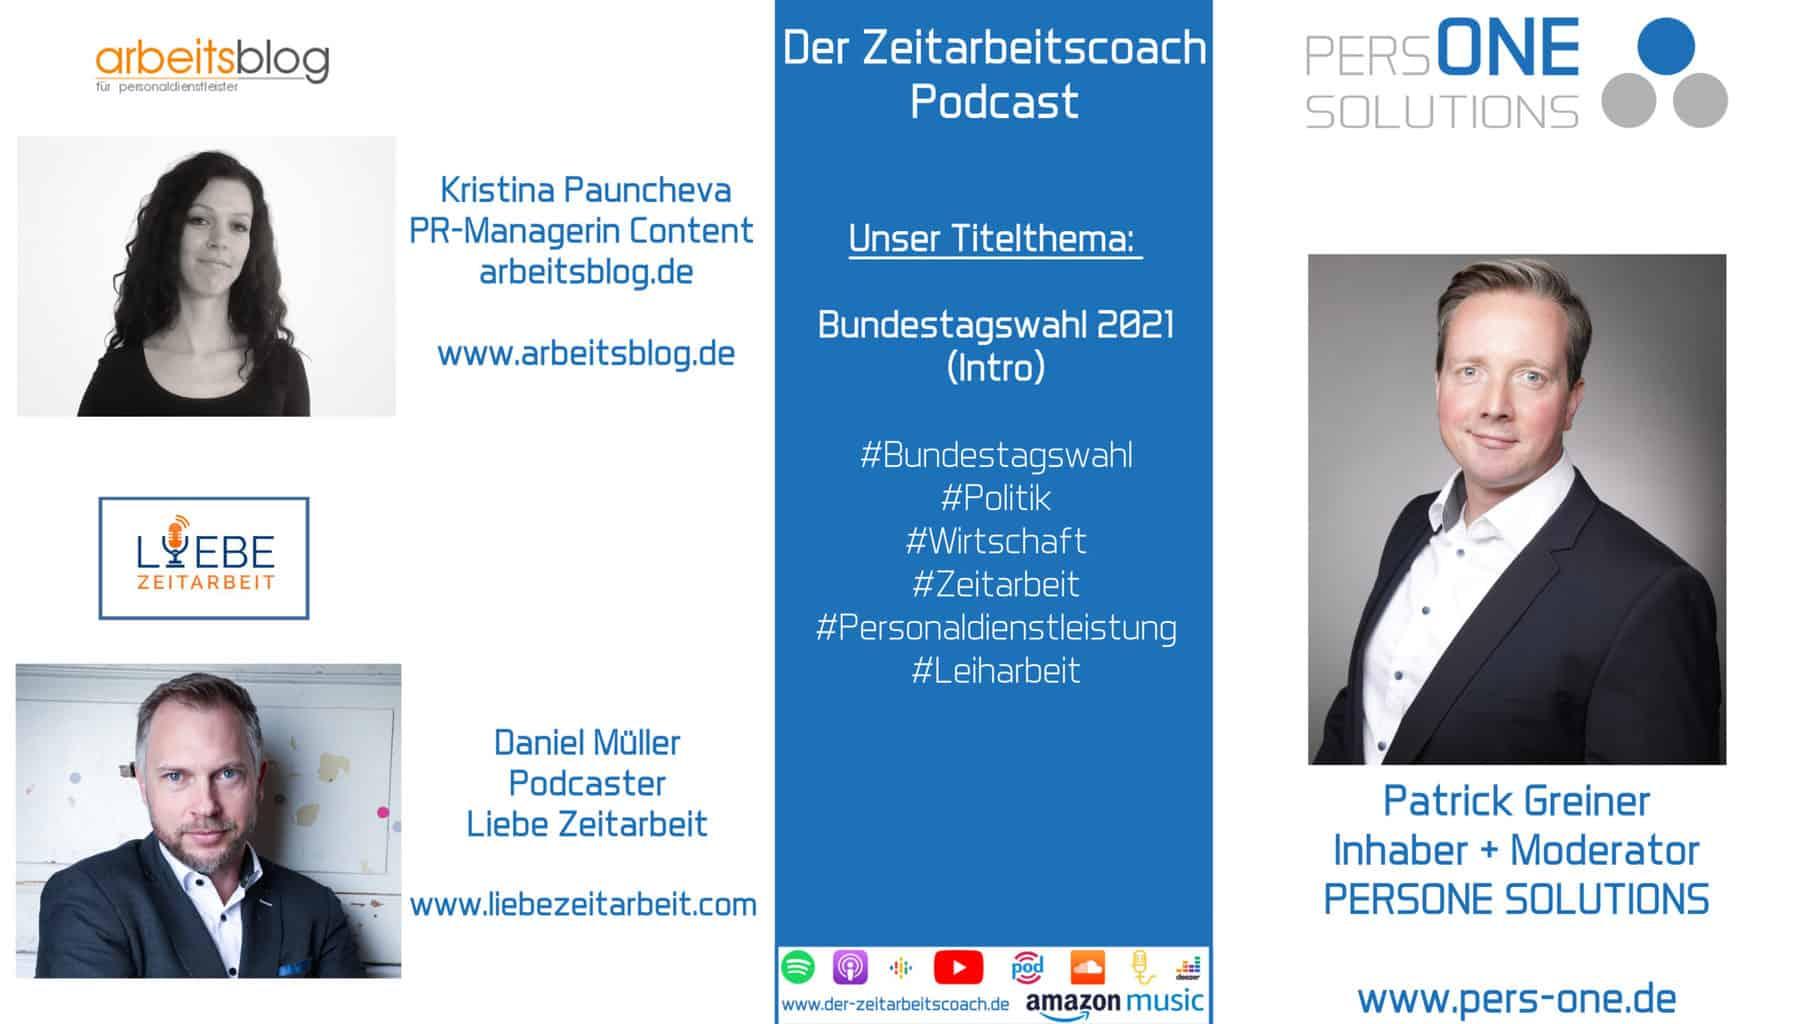 Bundestagswahl 2021 Intro_Podcast YT Grafik_Zeitarbeitscoach Podcast